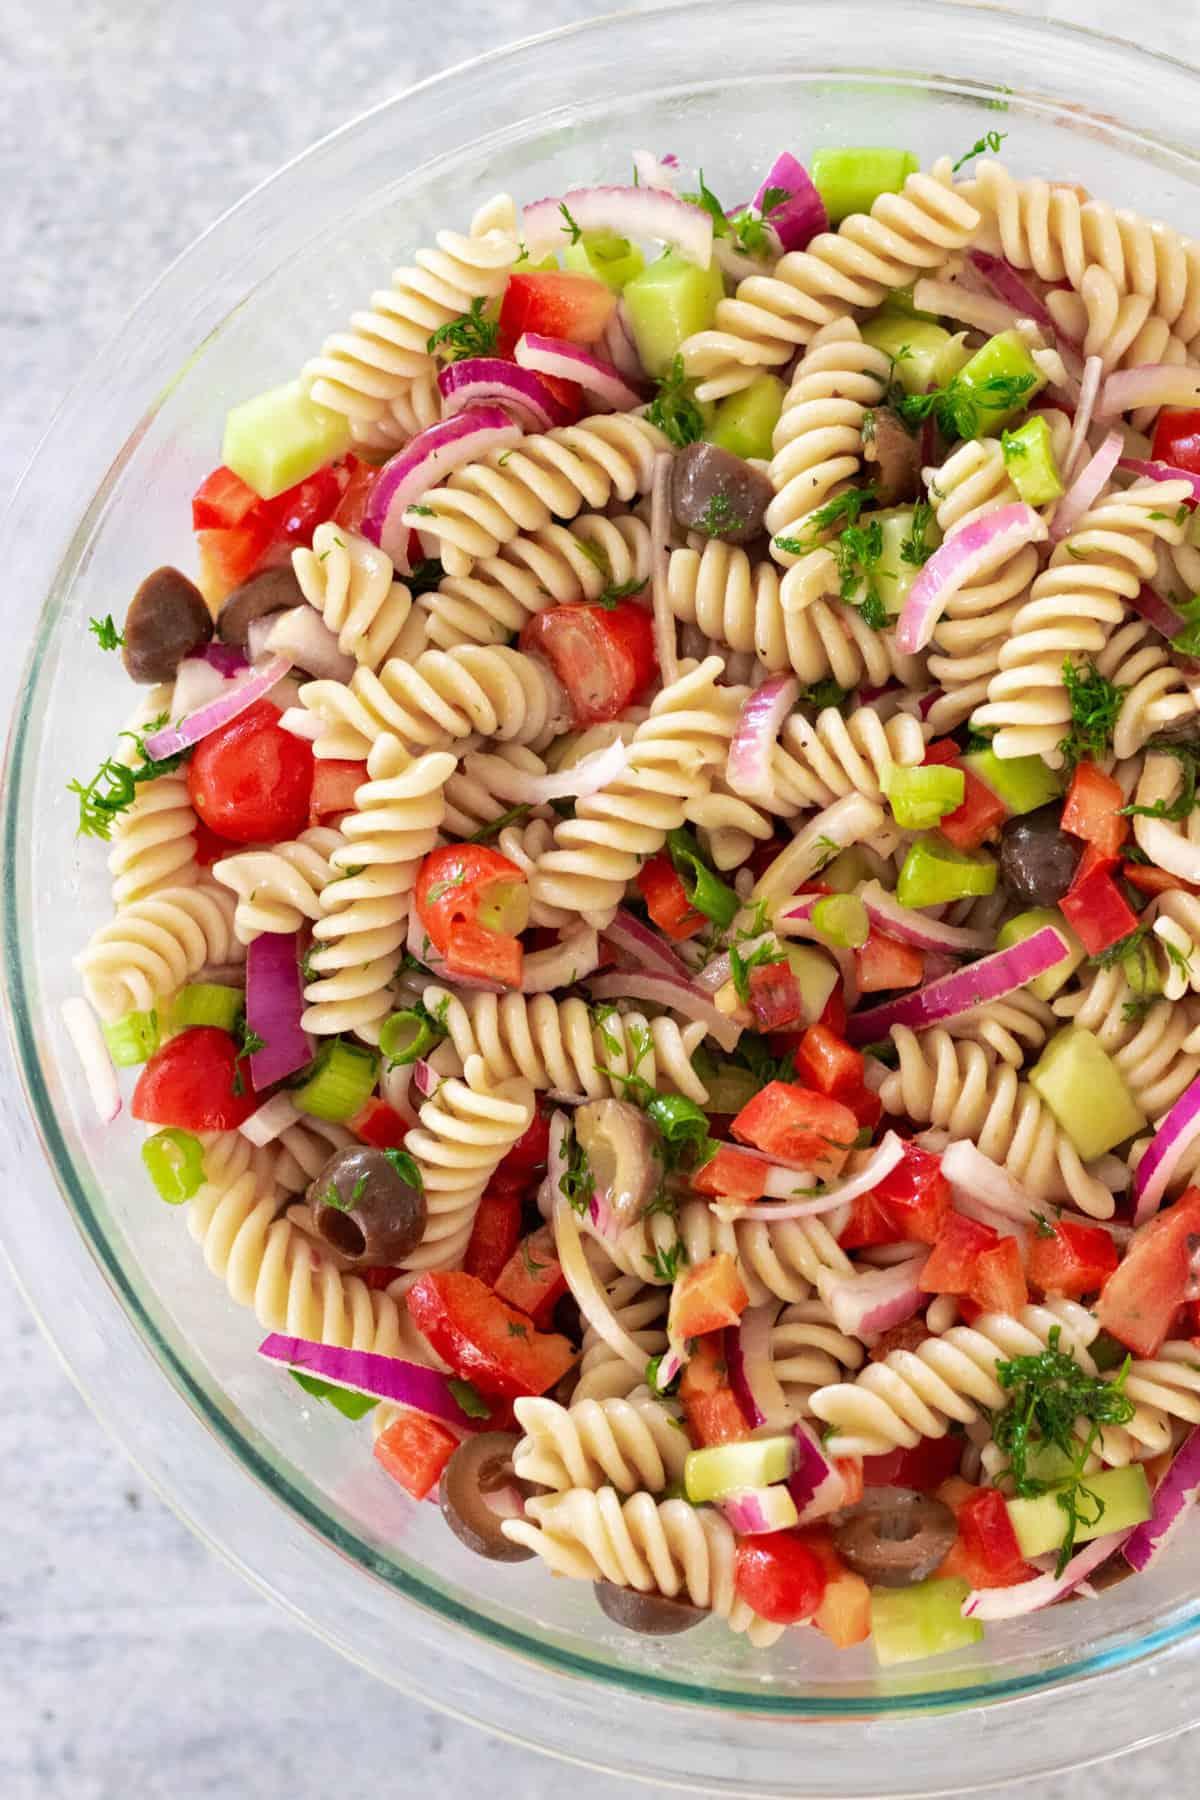 No-Mayo Mediterranean Pasta Salad